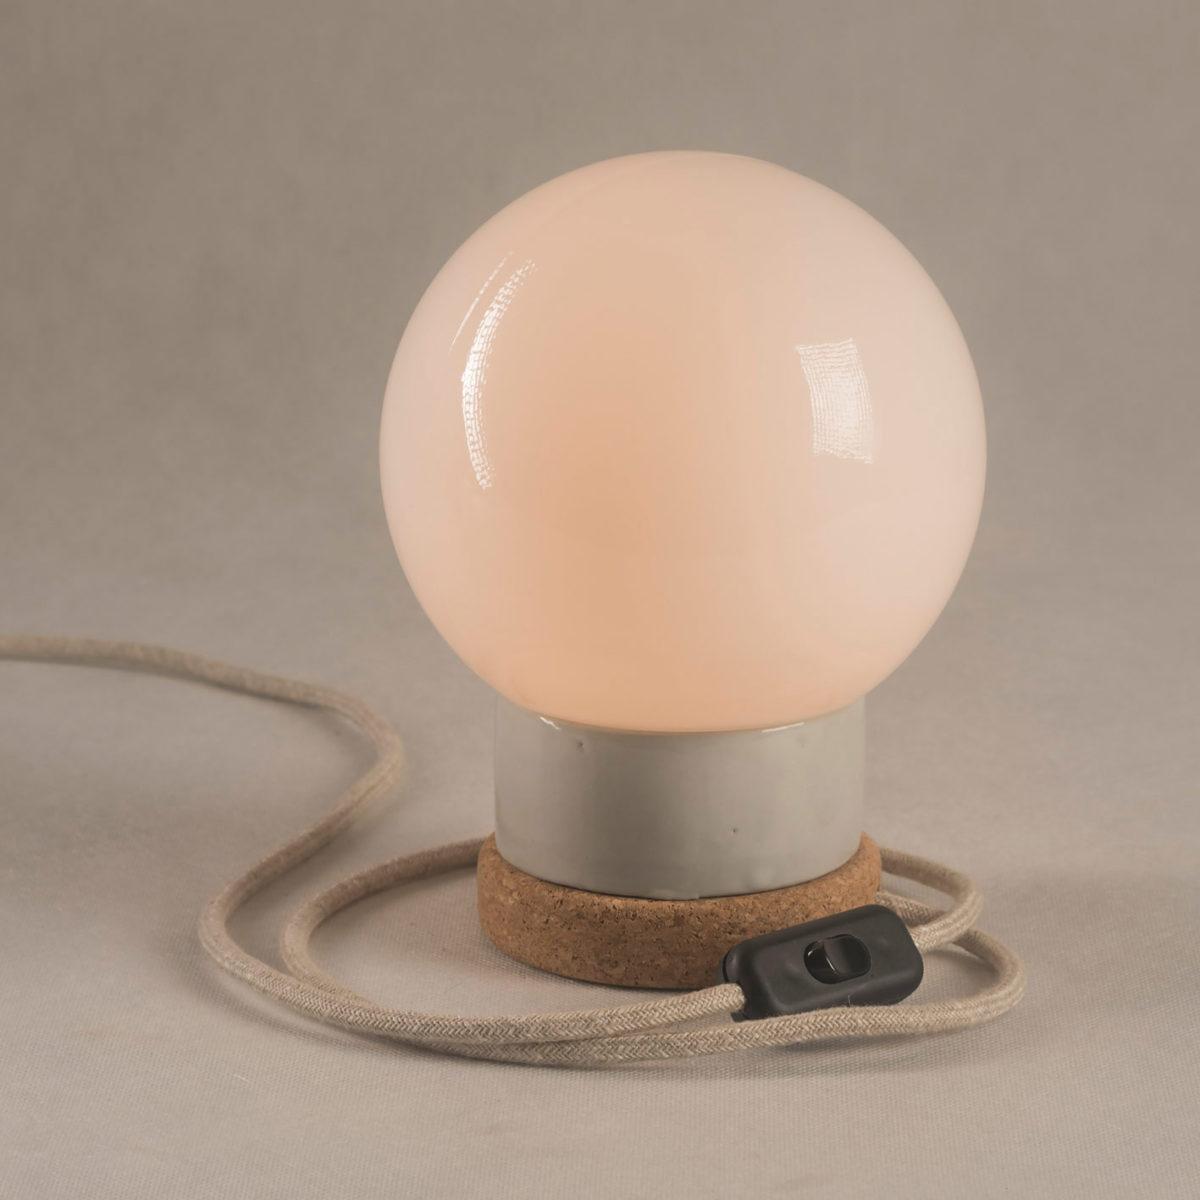 lampka korkowa ze szklanym kloszem kula